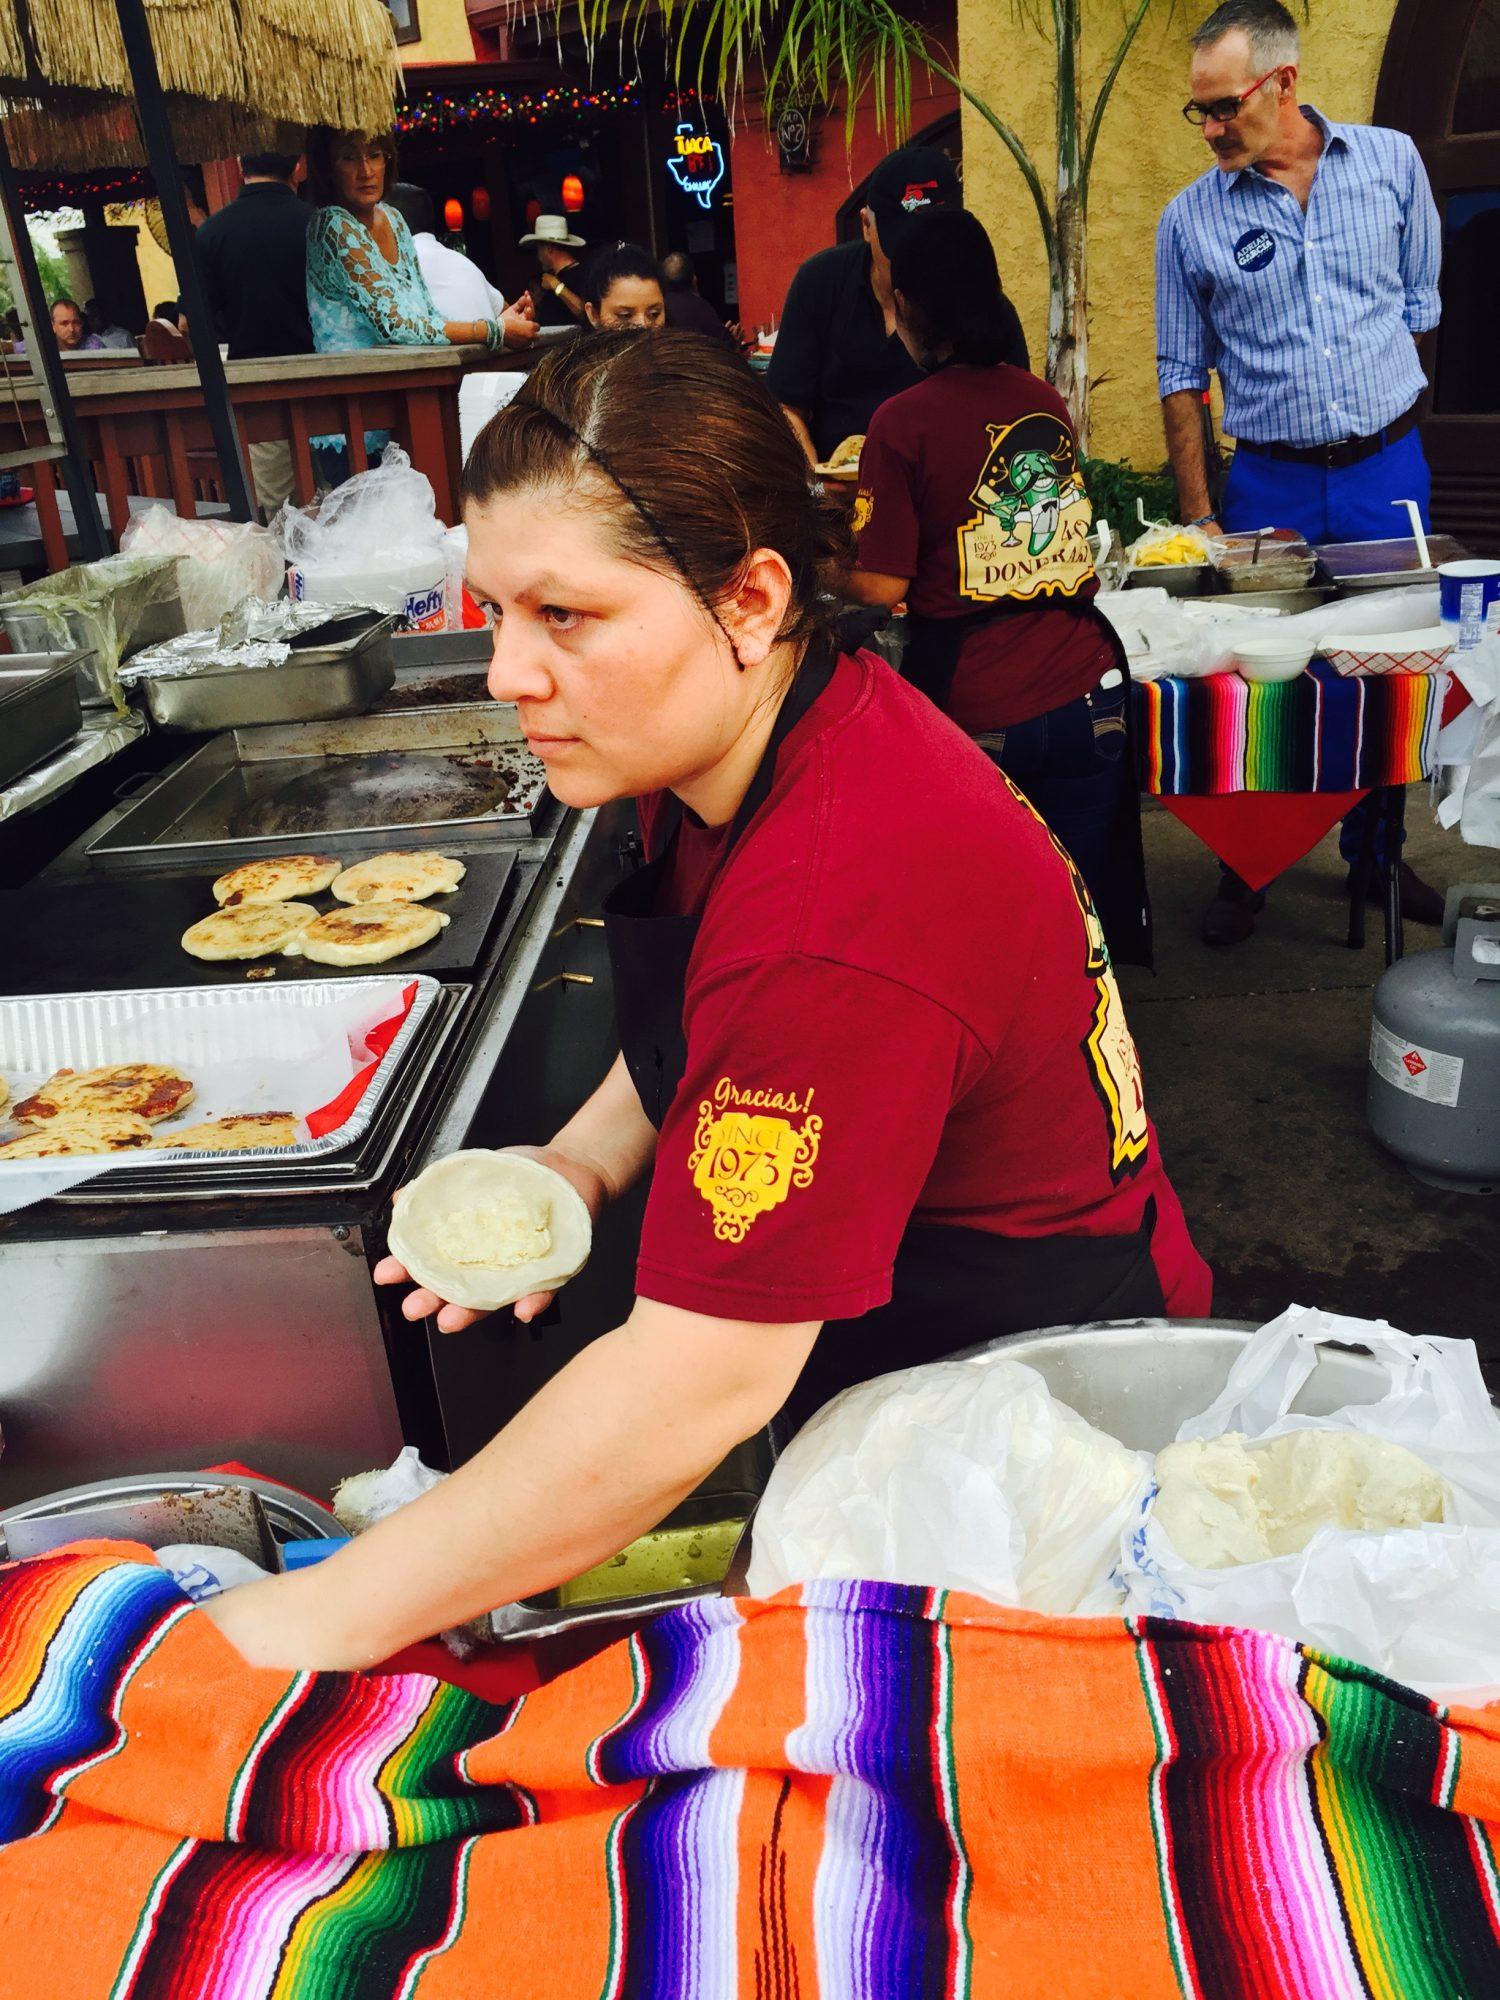 Doneraki Mexican Restaurant Locations